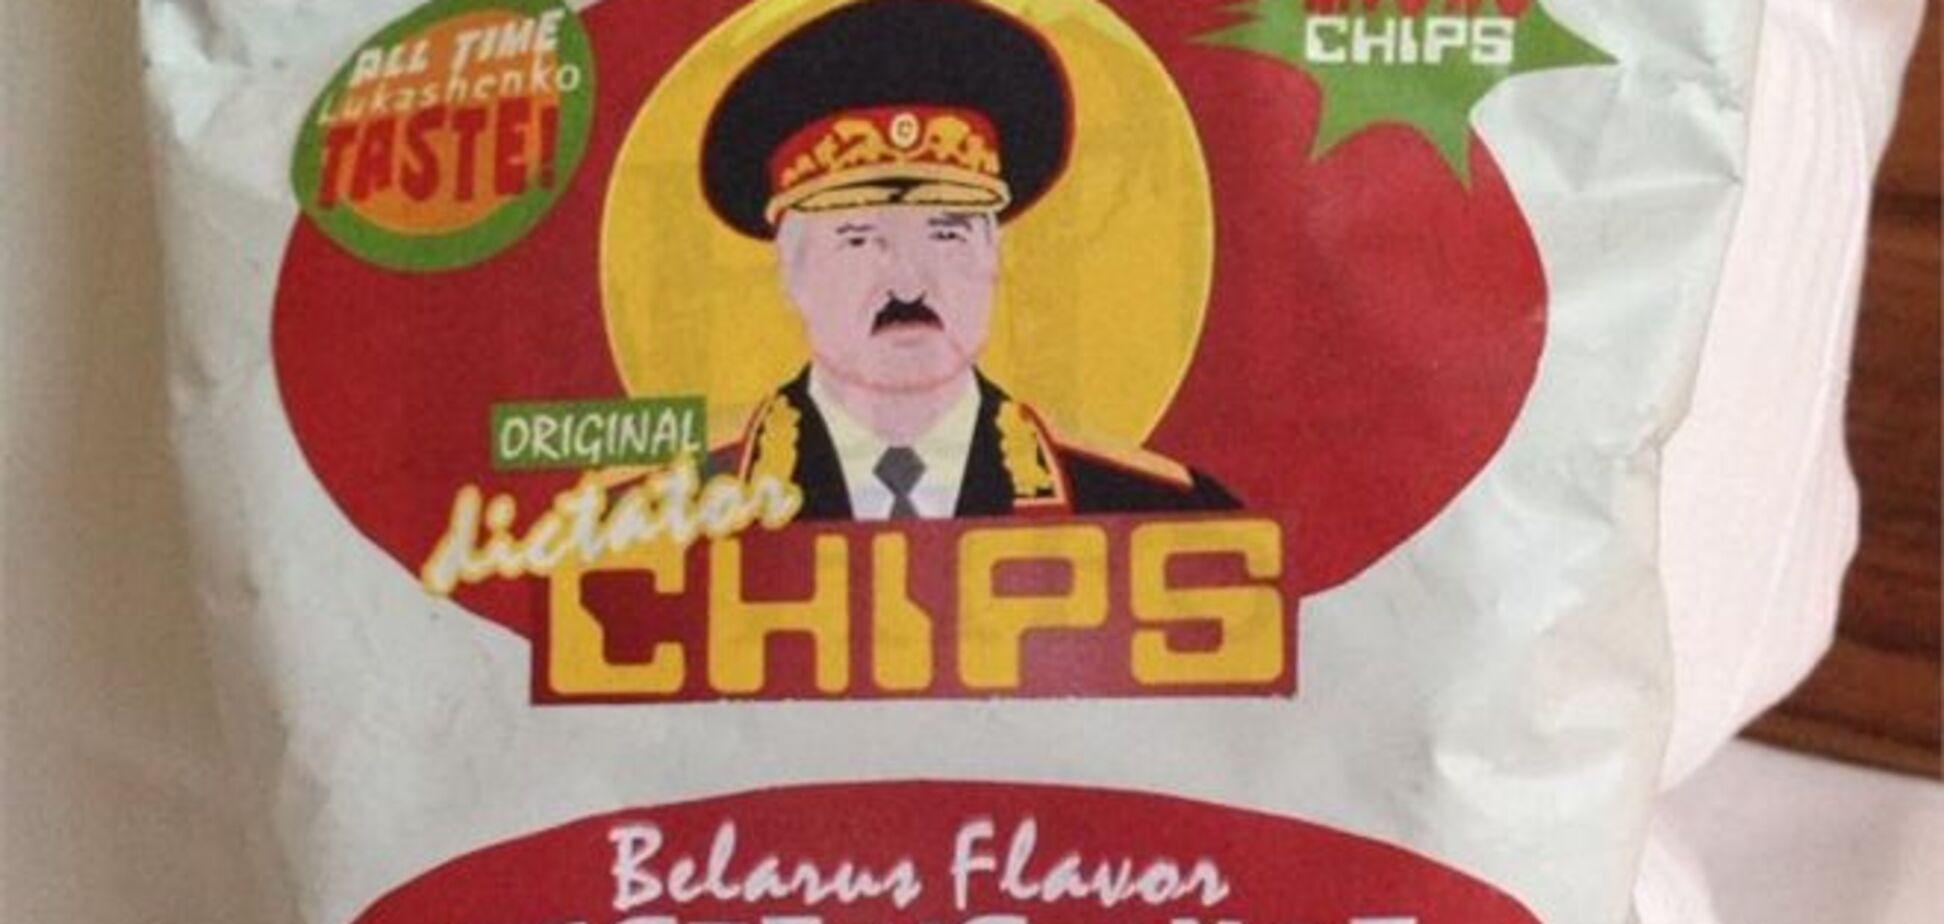 У продажу з'явилися чіпси з портретами Путіна, Каддафі і Лукашенко